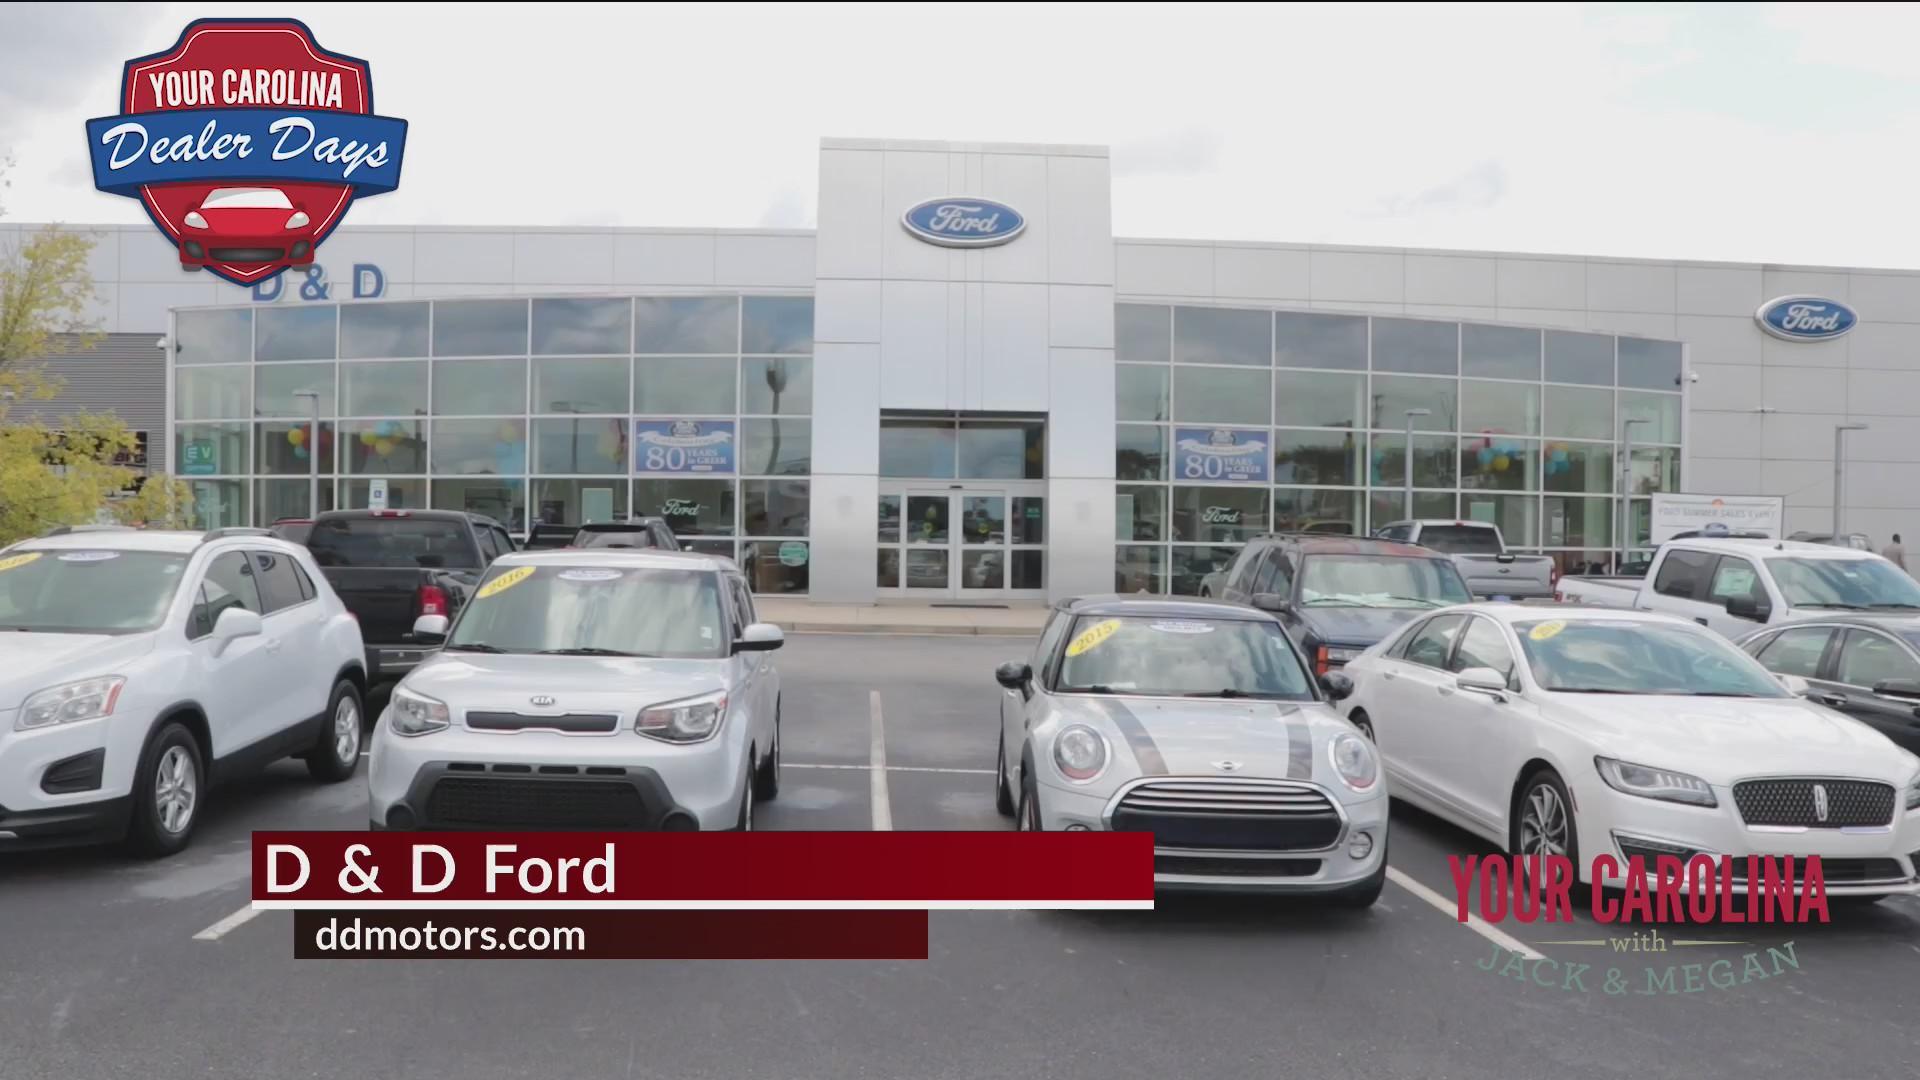 Dealer Days - D & D Ford